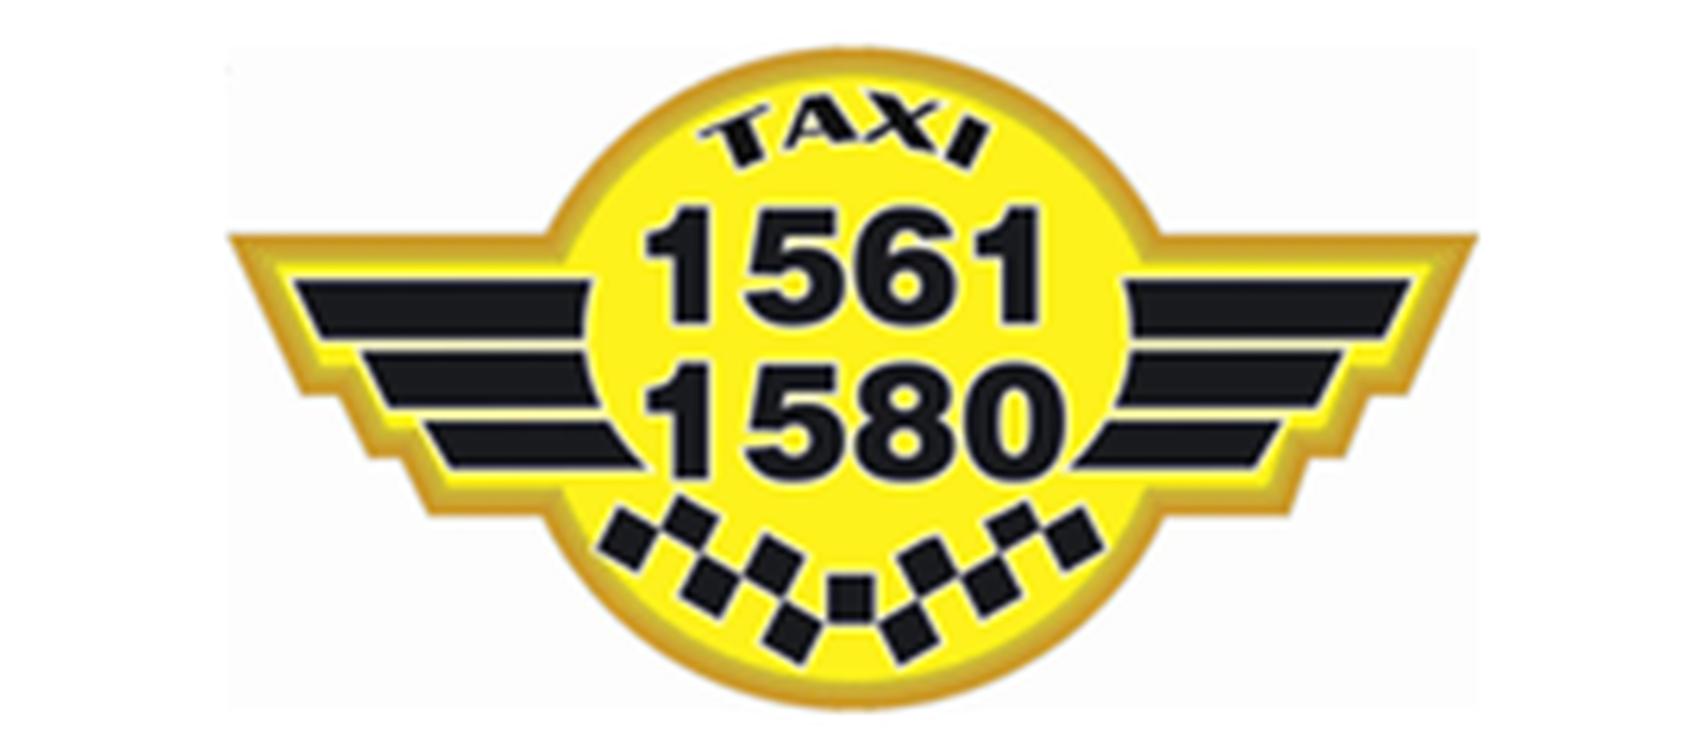 Таксі 1561/1580